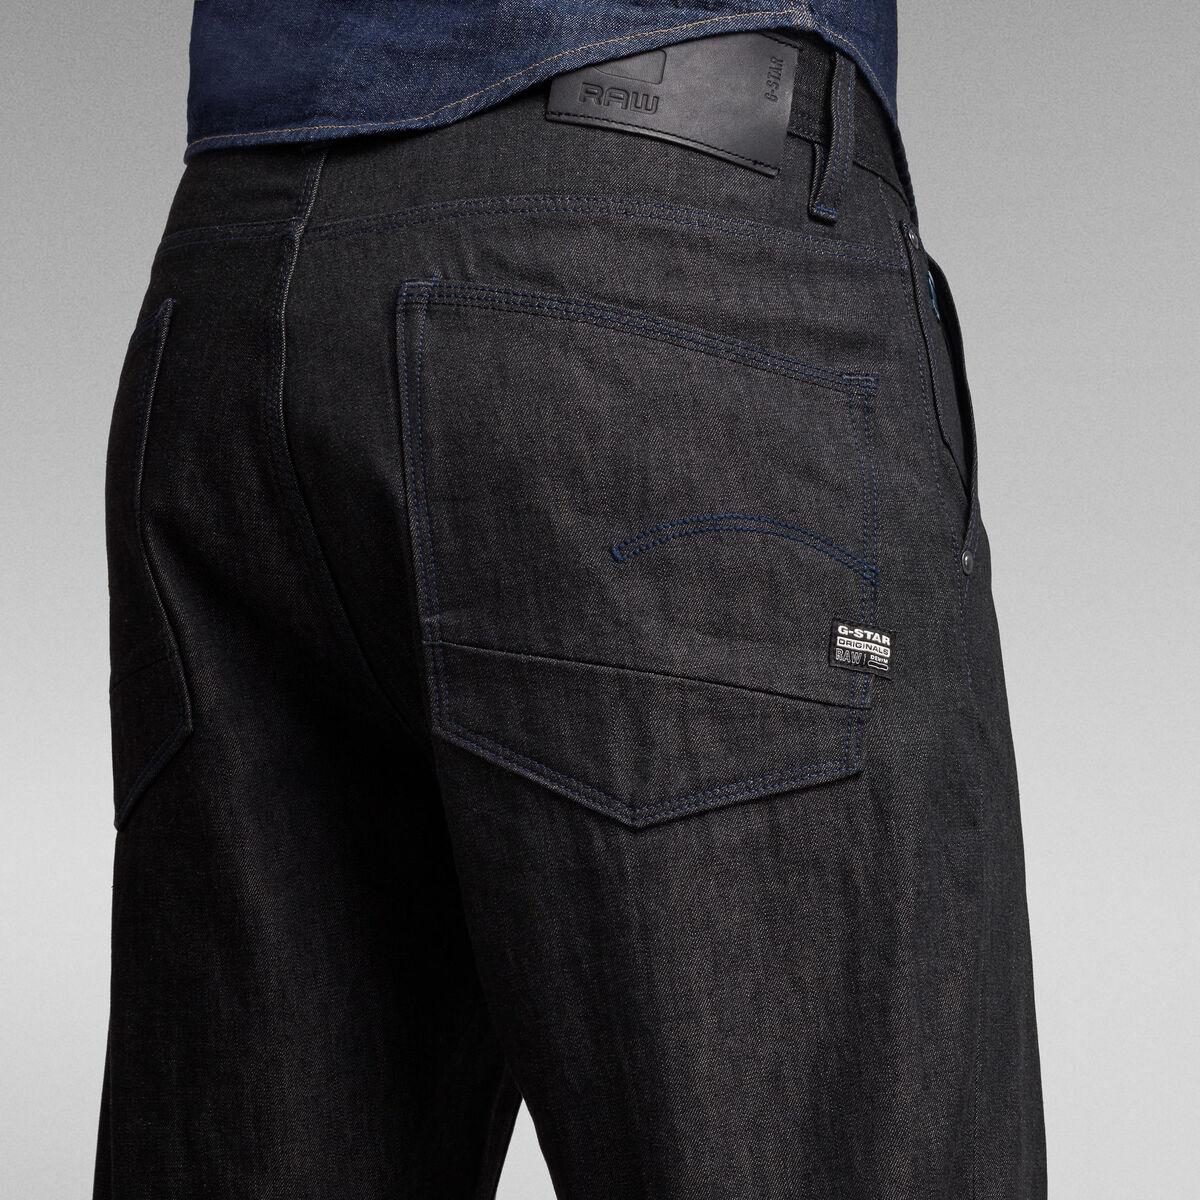 Bild 3 von Grip 3D Relaxed Tapered Jeans